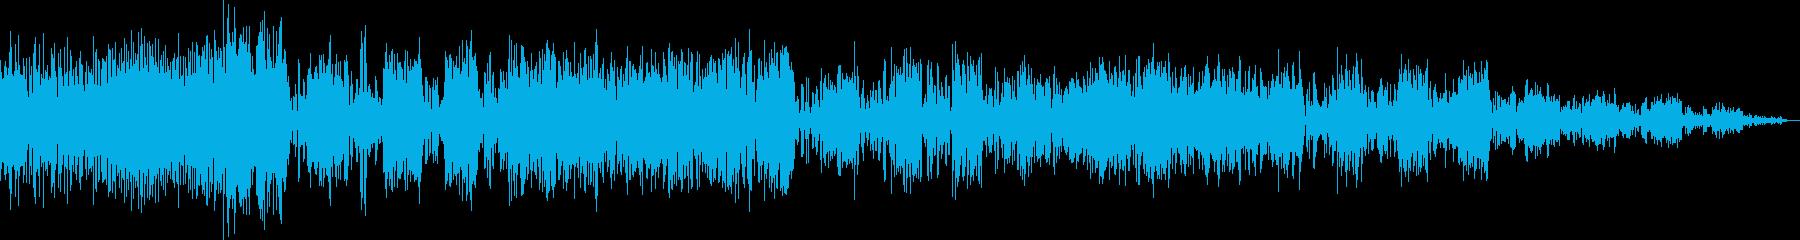 激しい音楽ヒットパニング遅延の再生済みの波形